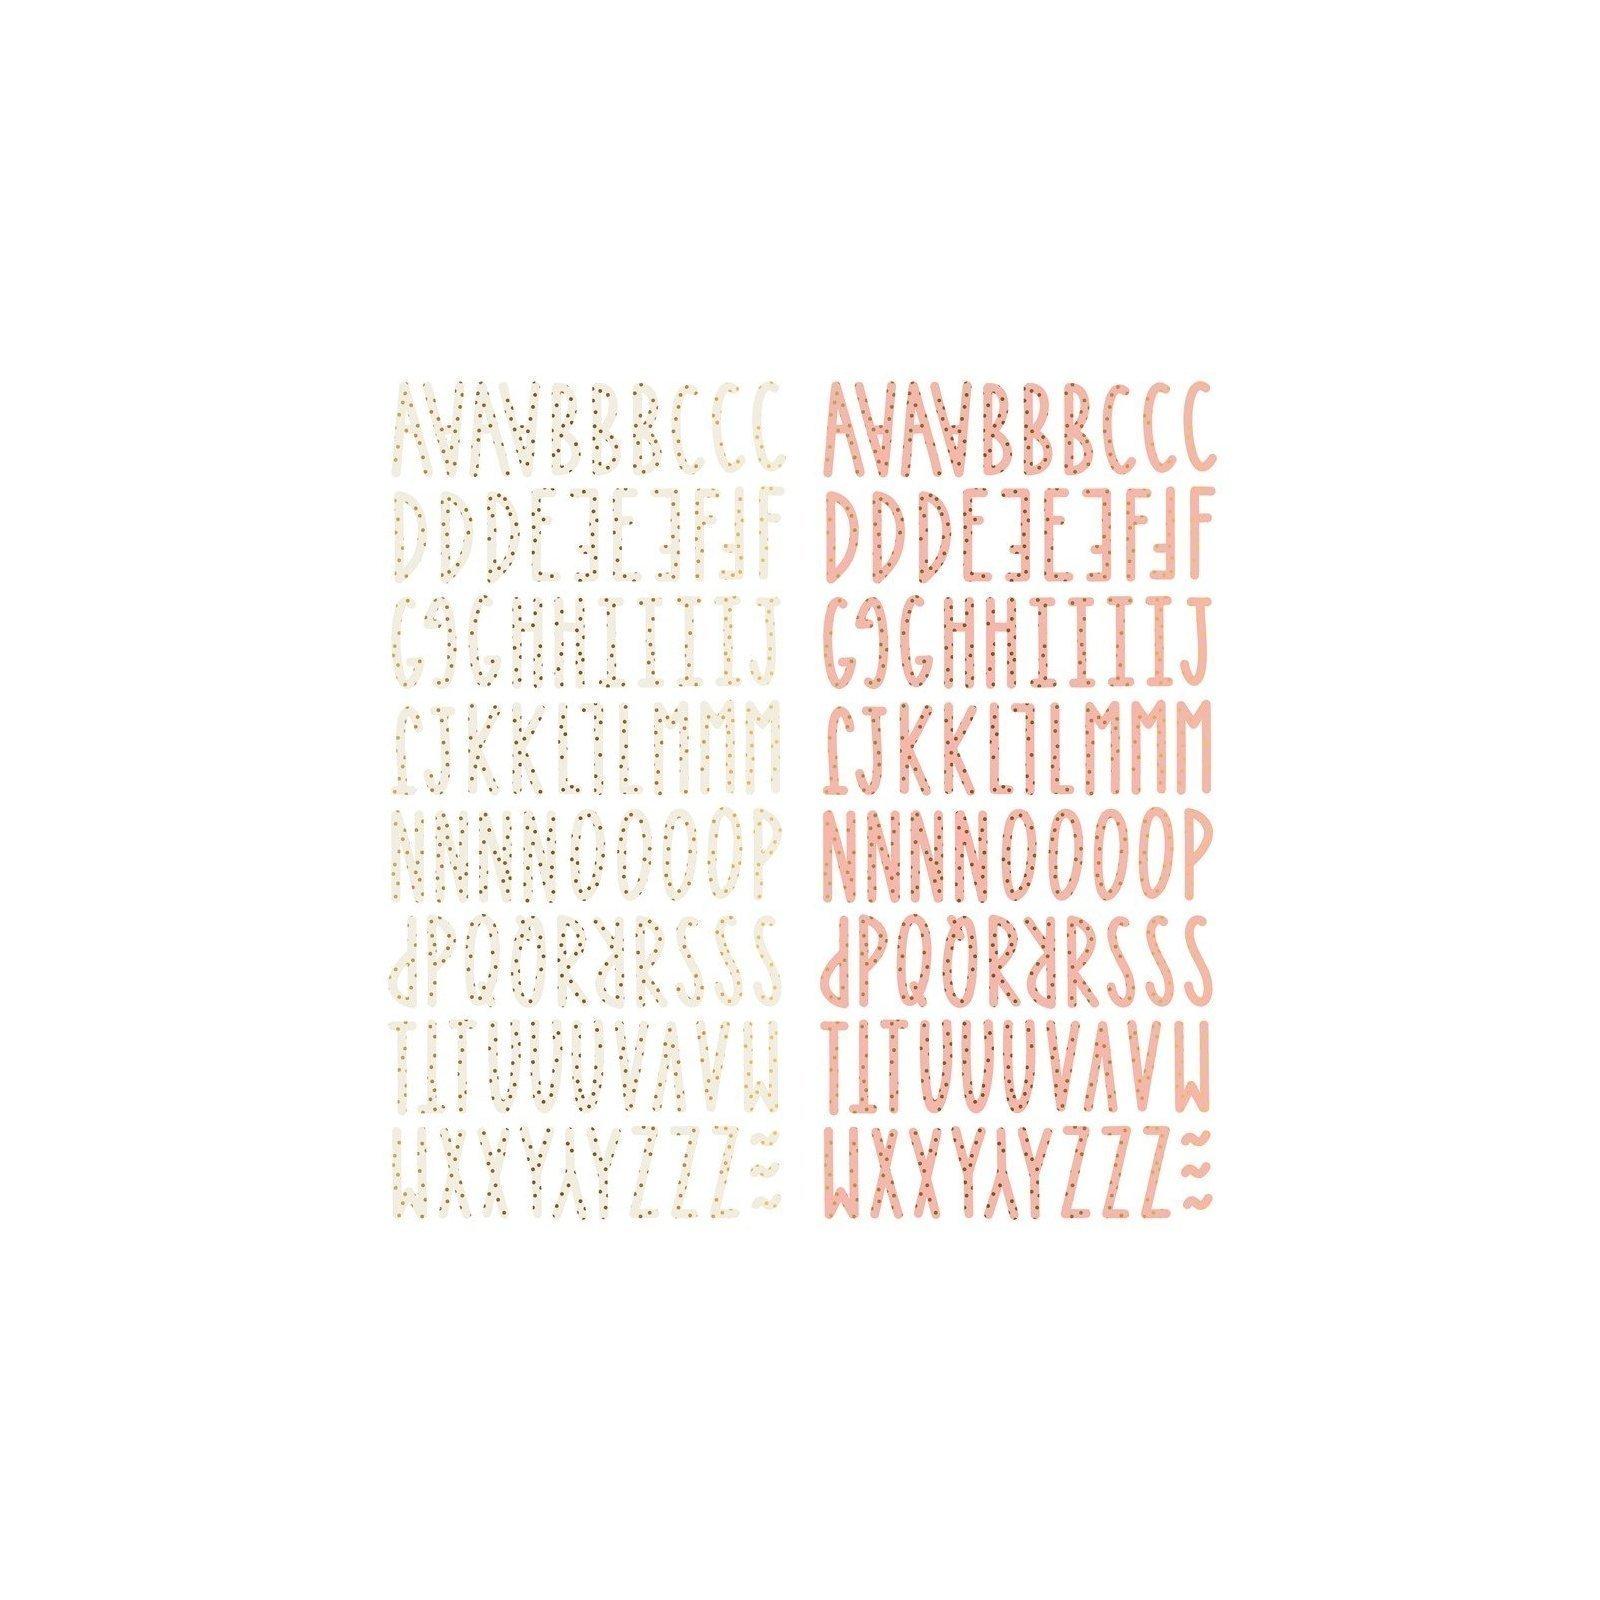 Alphabet chipboards - Muerdago - Mintopia